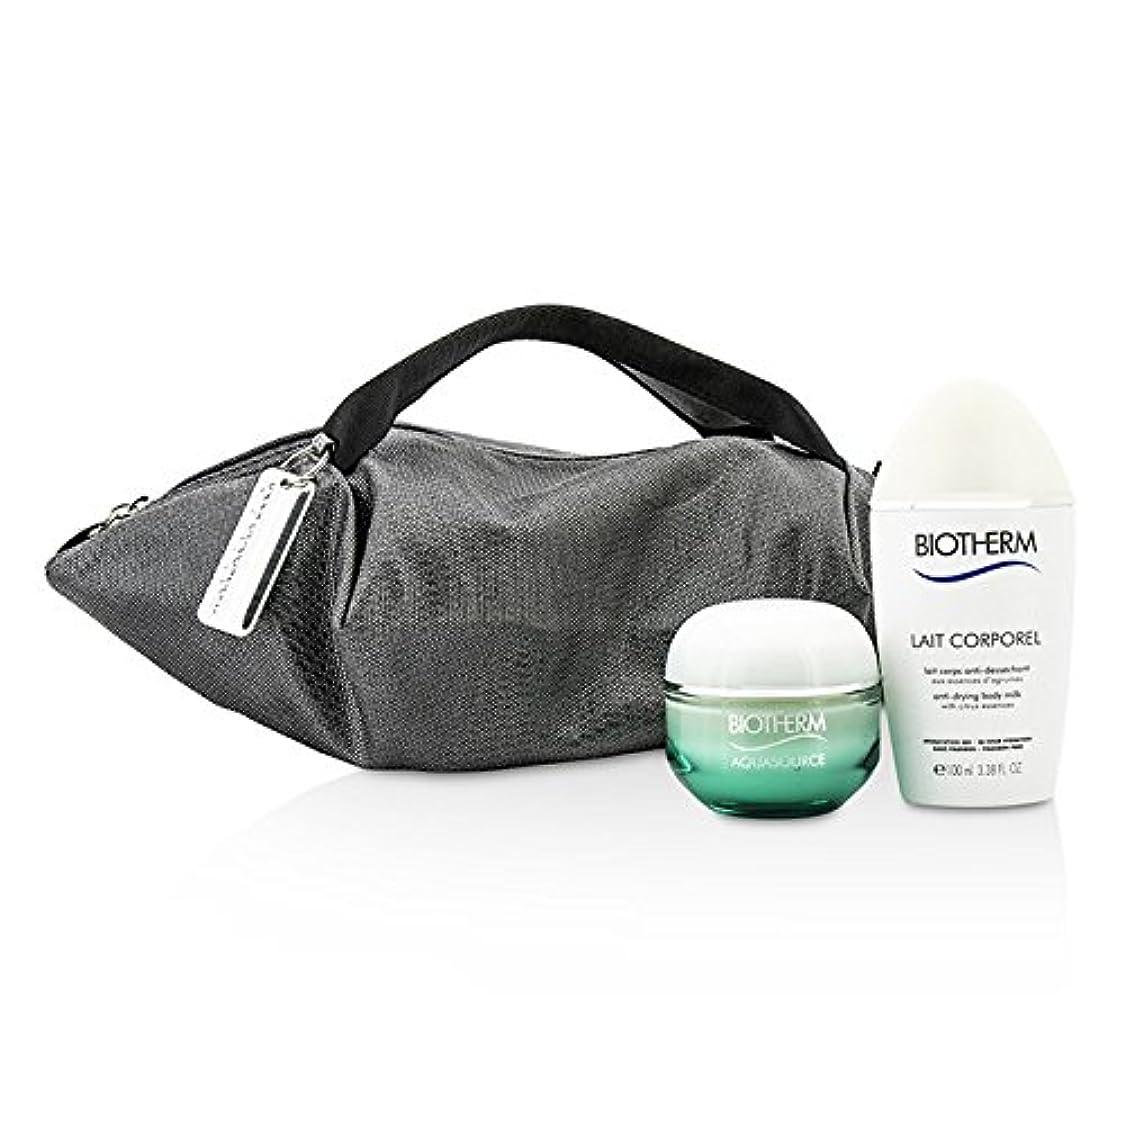 書誌スチュワーデス感覚ビオテルム Aquasource & Body Care X Mandarina Duck Coffret: Cream N/C 50ml + Anti-Drying Body Care 100ml + Handle Bag 2pcs+1bag並行輸入品